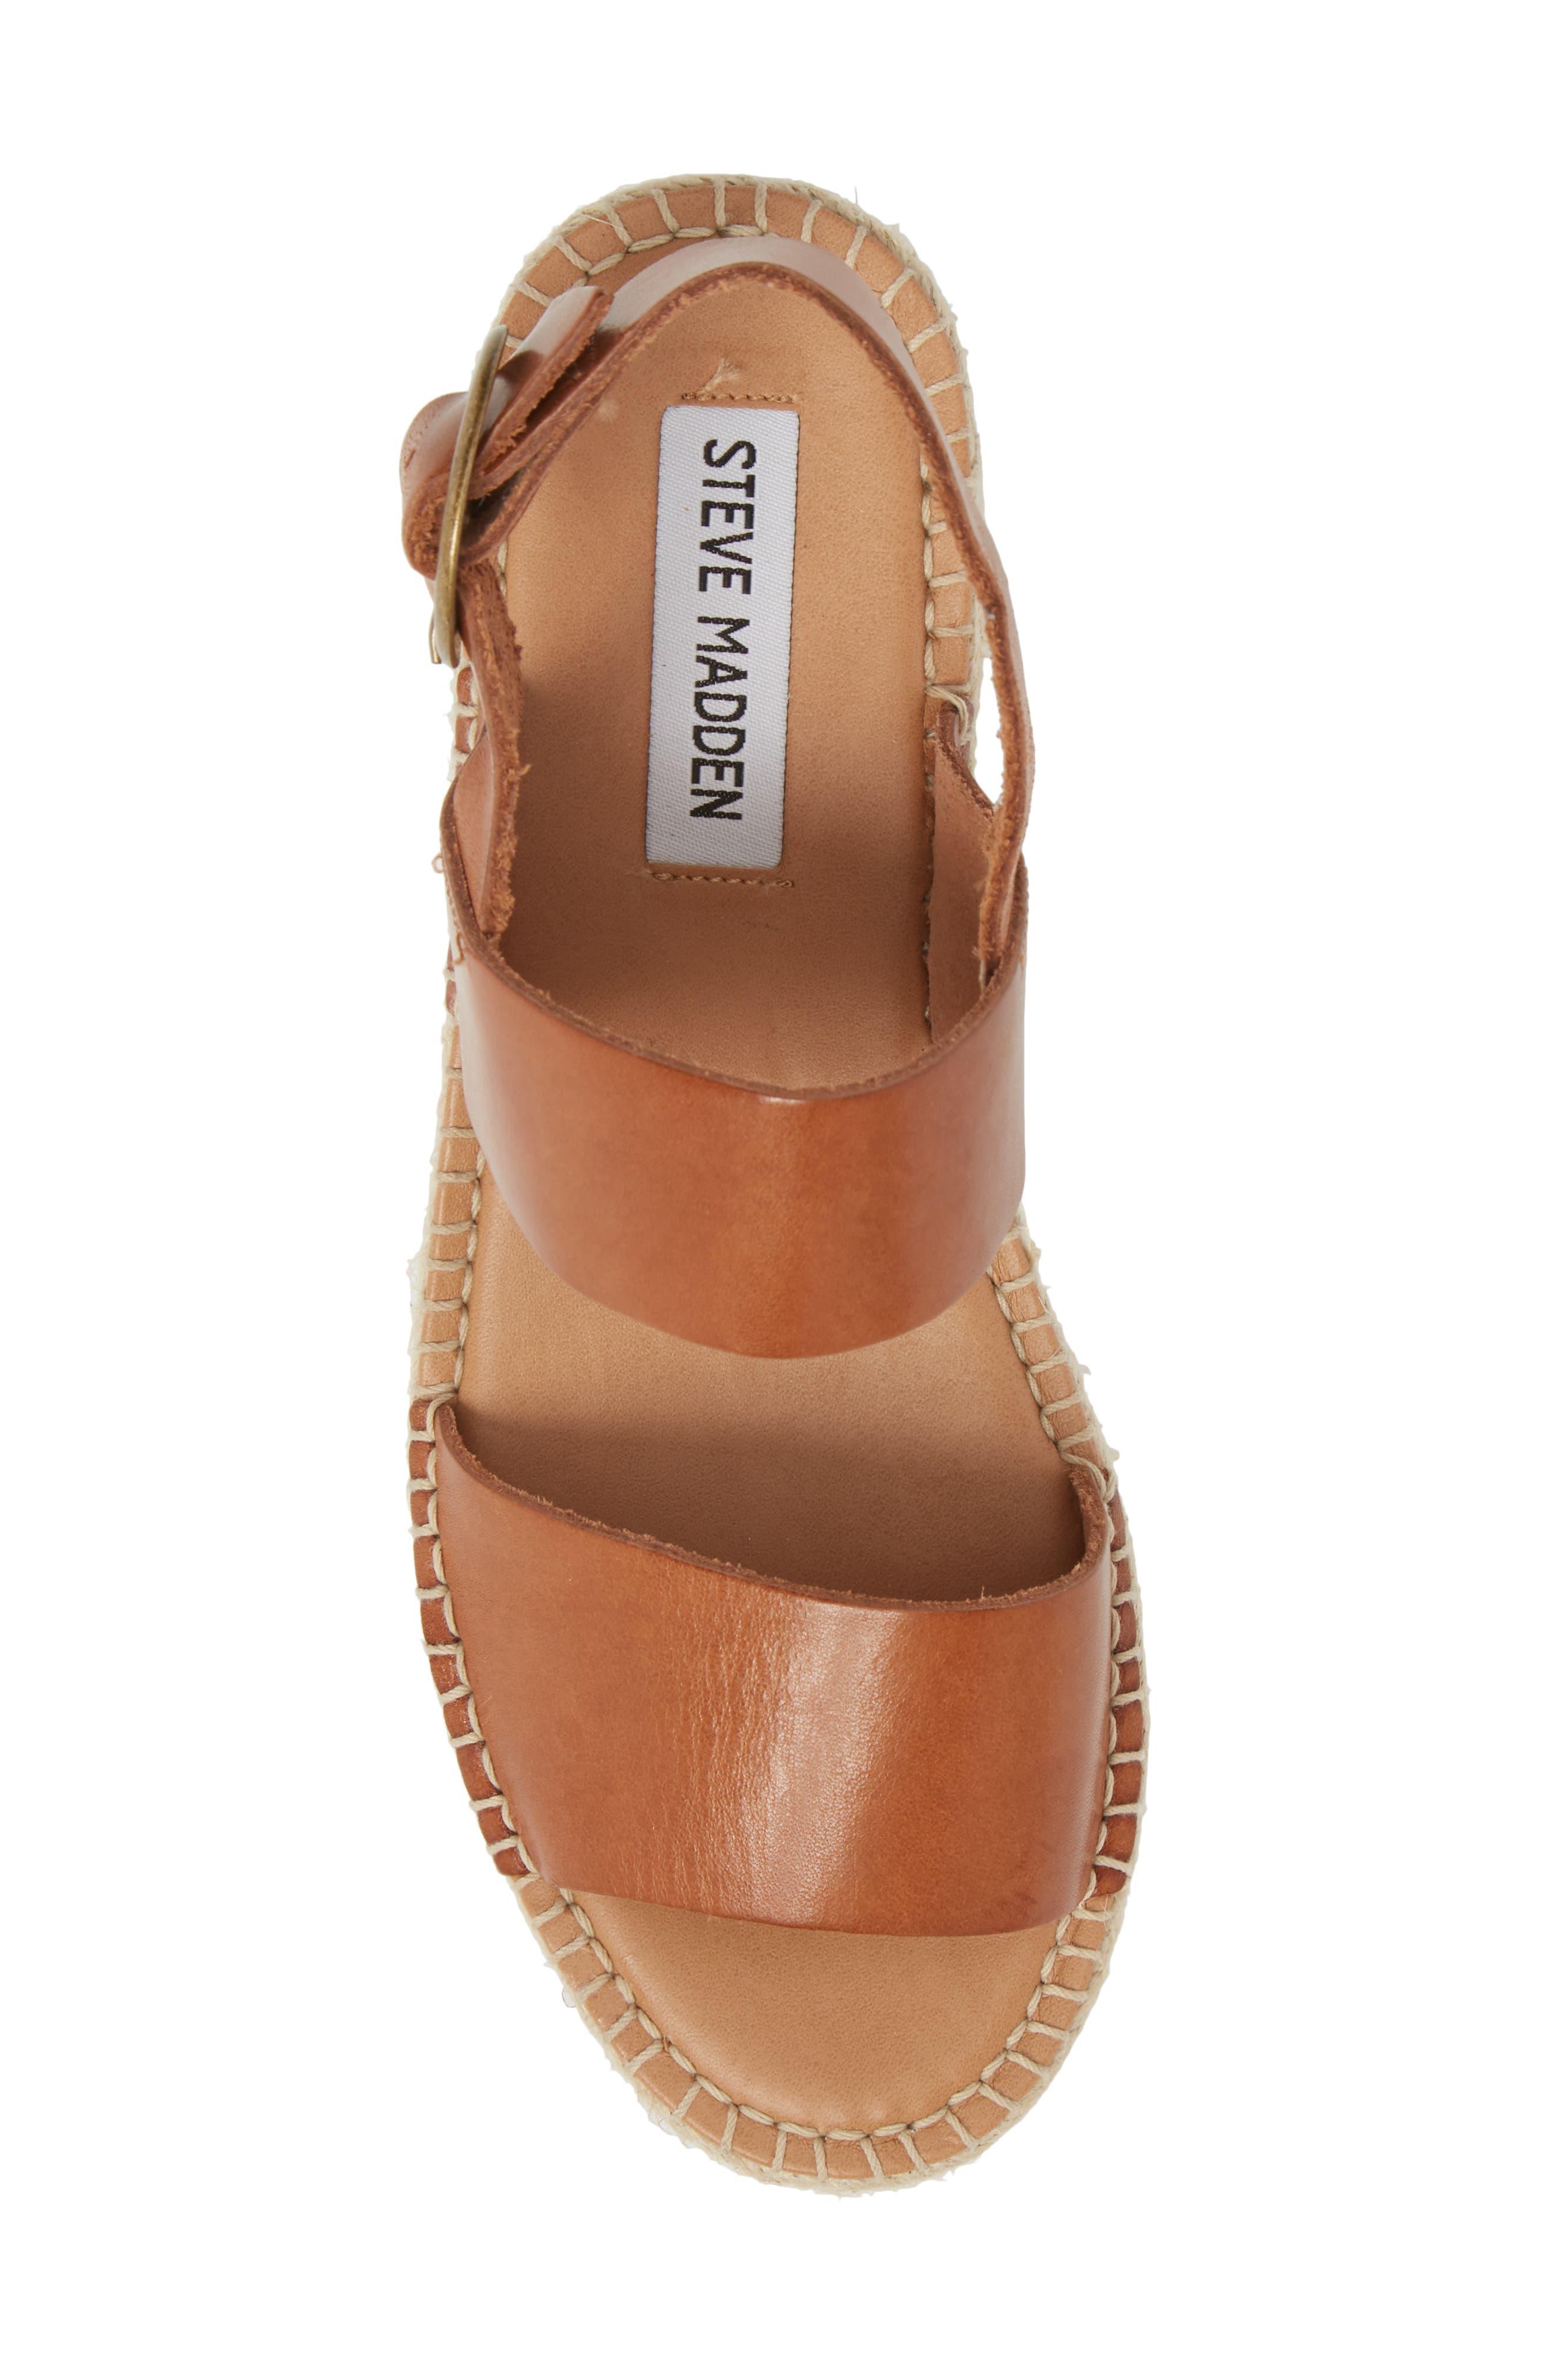 Cali Espadrille Platform Sandal,                             Alternate thumbnail 5, color,                             Cognac Leather